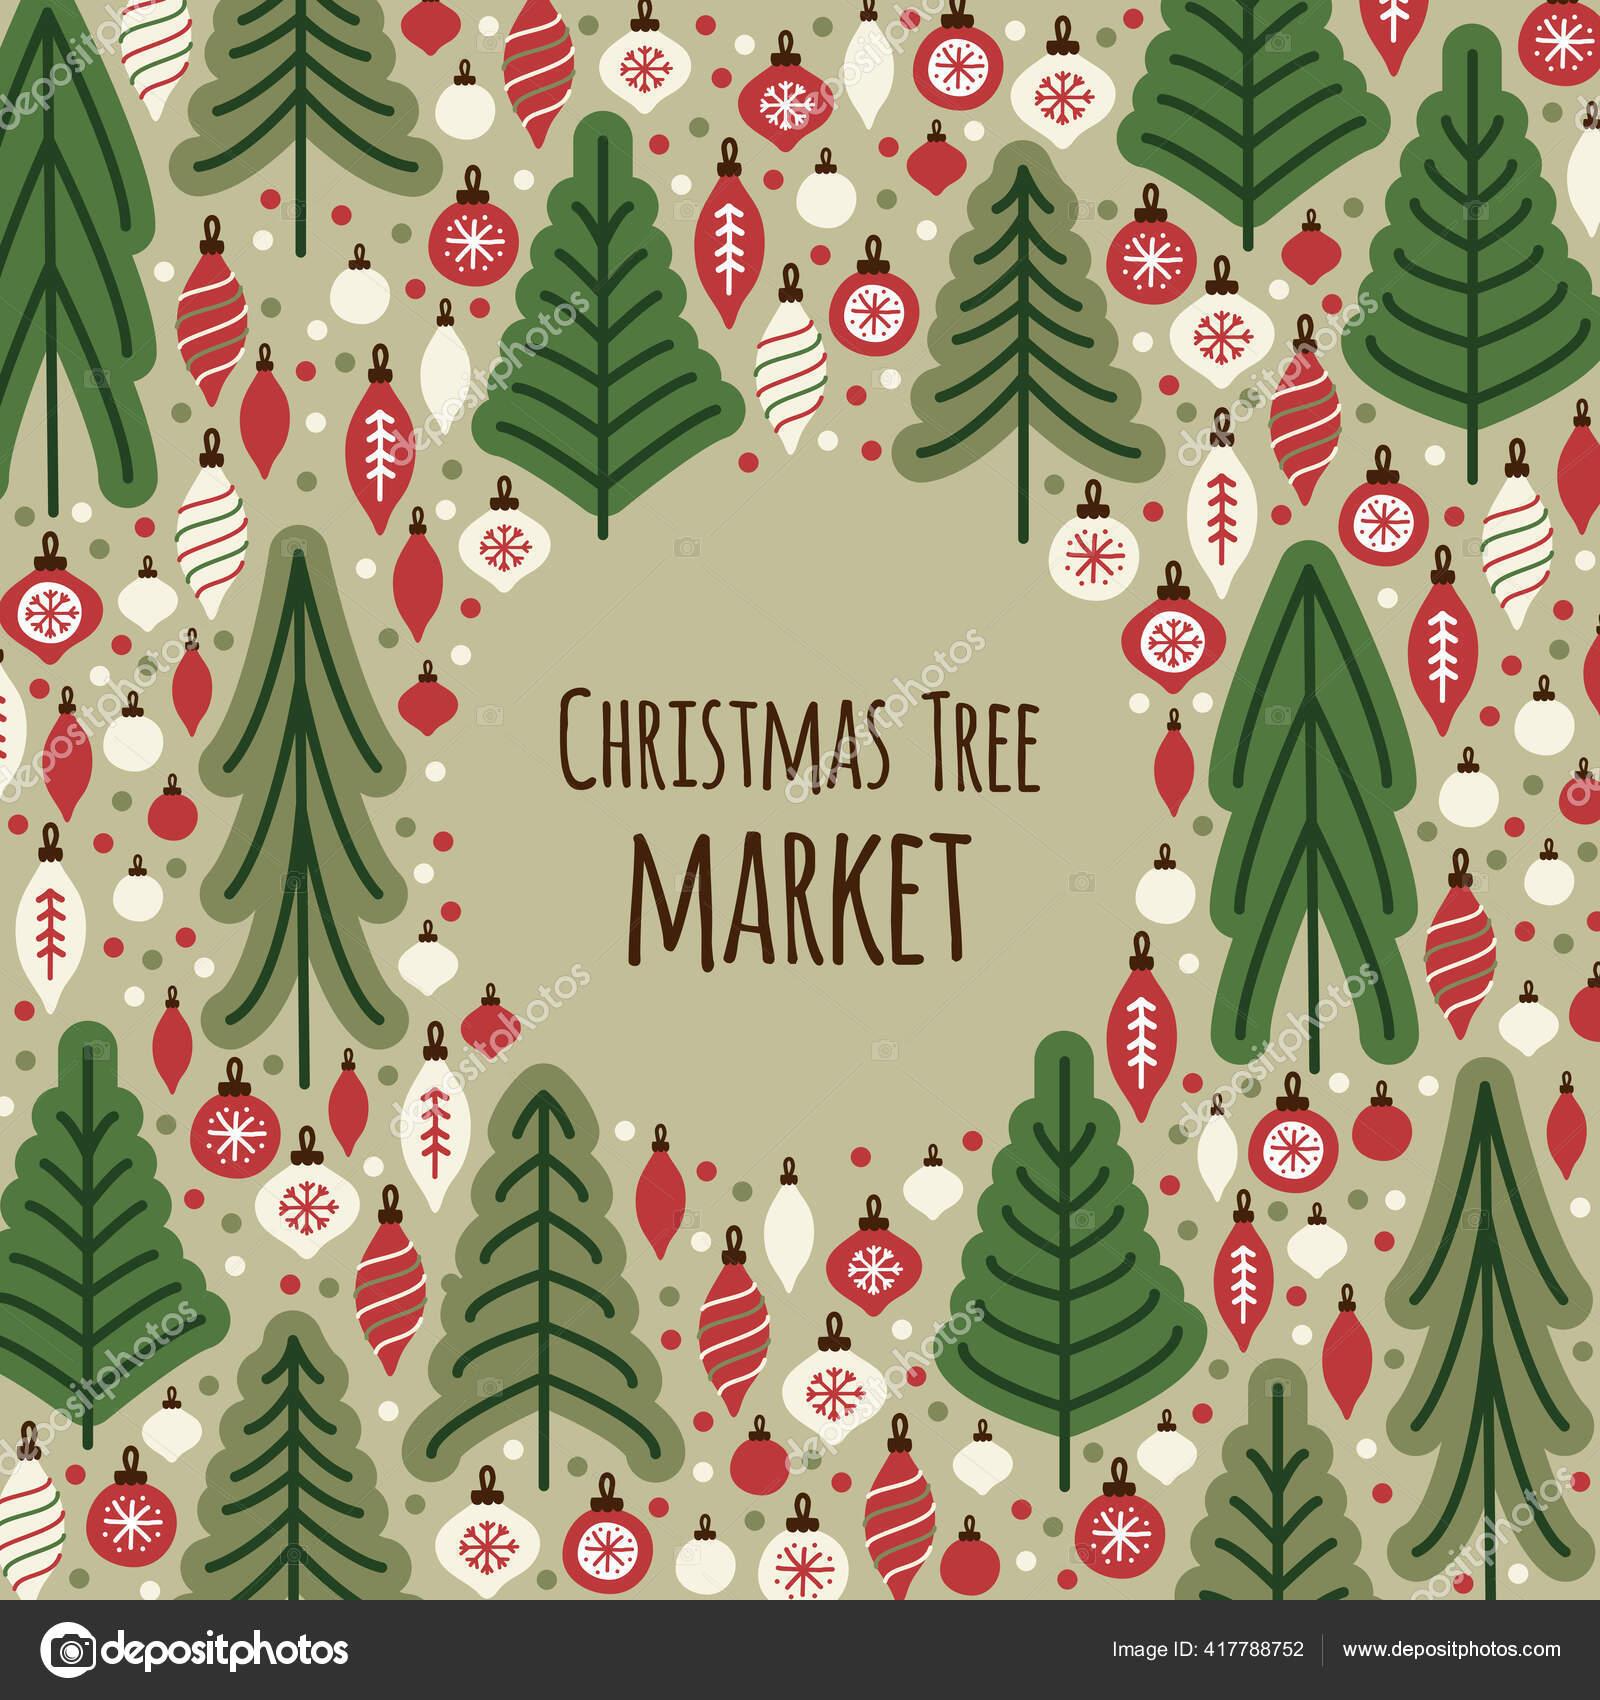 Cute Scandinavian Christmas Tree Market Fundo Com Abetos Imagem Vetorial De C Ishkrabal 417788752